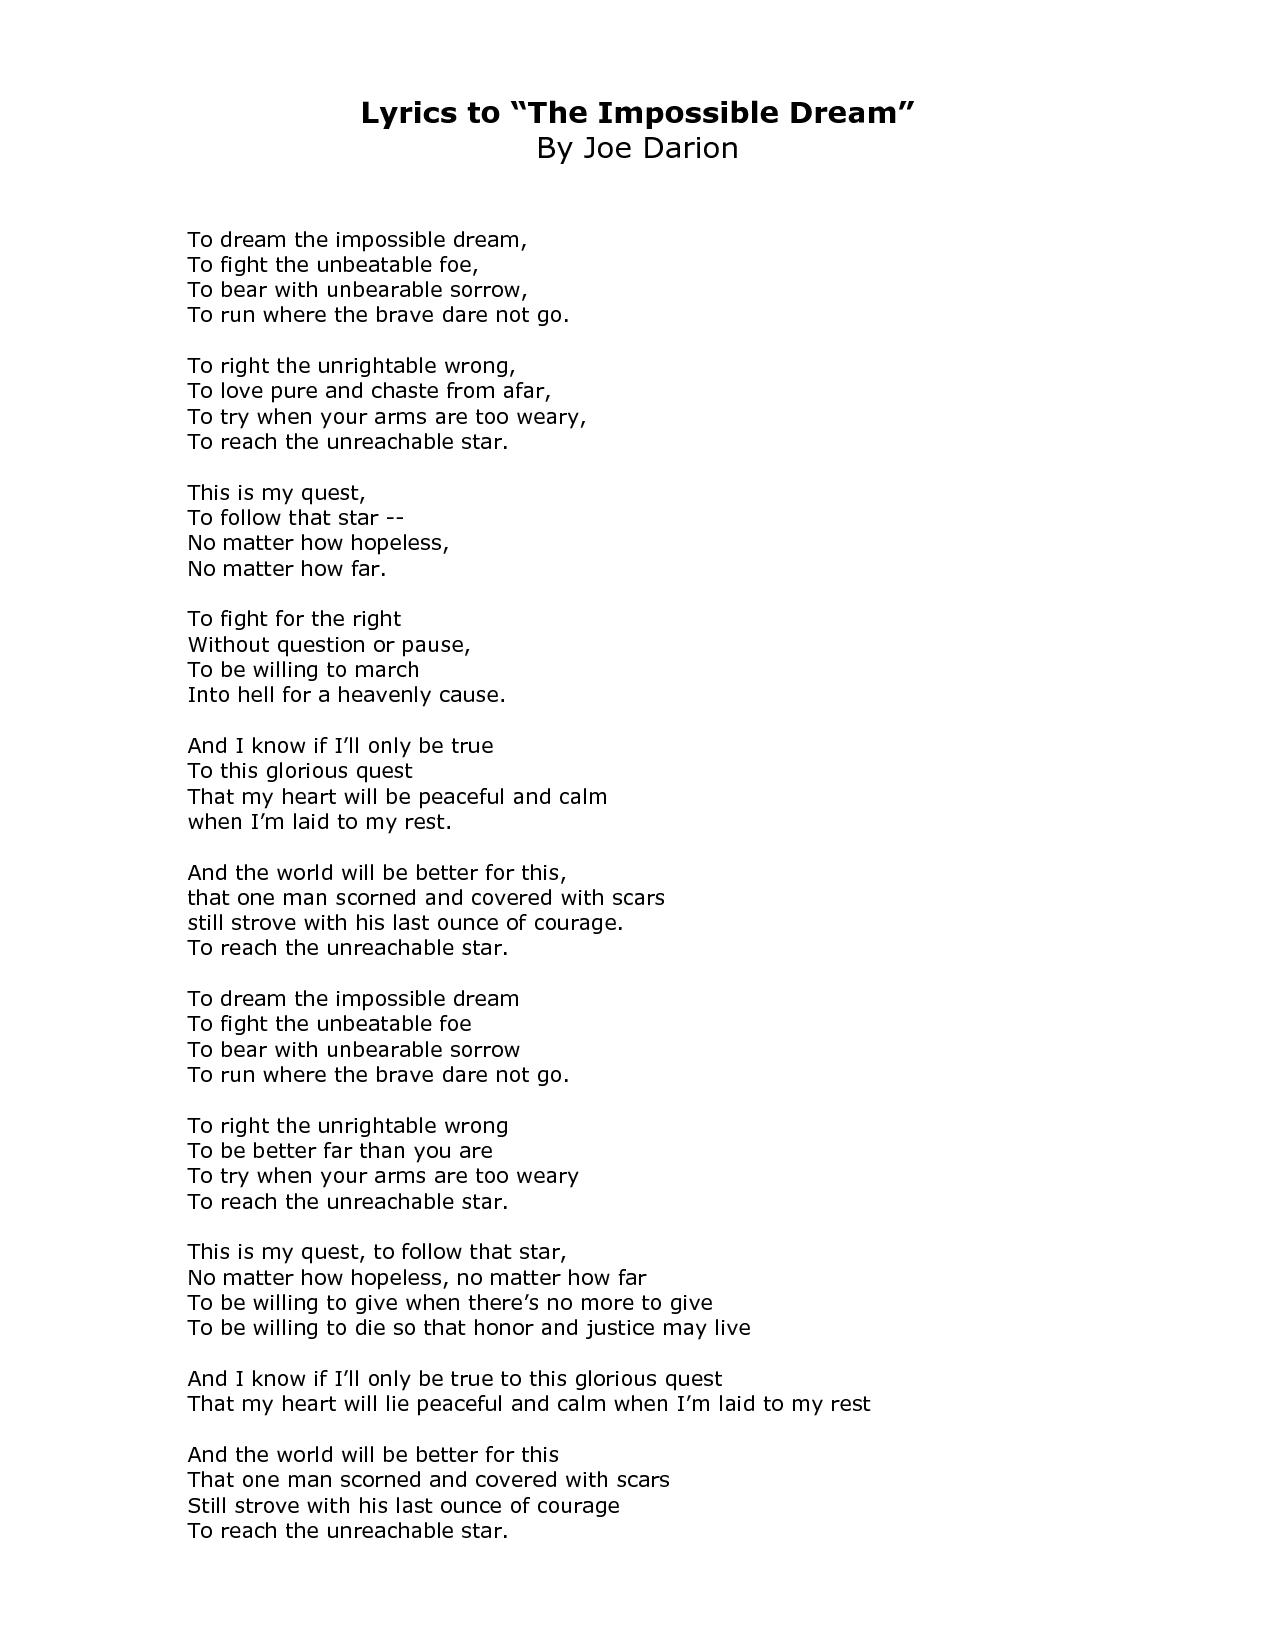 Myself dating lyrics poetri